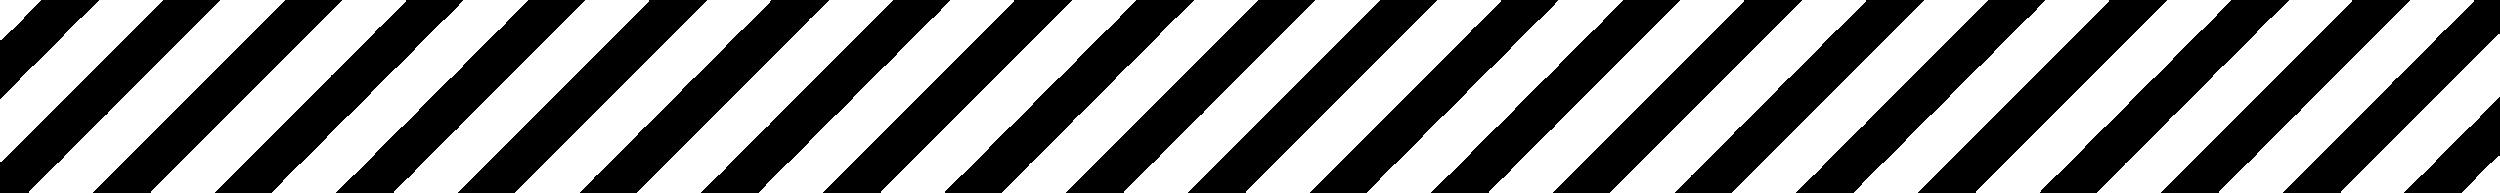 diagonal stripes.png